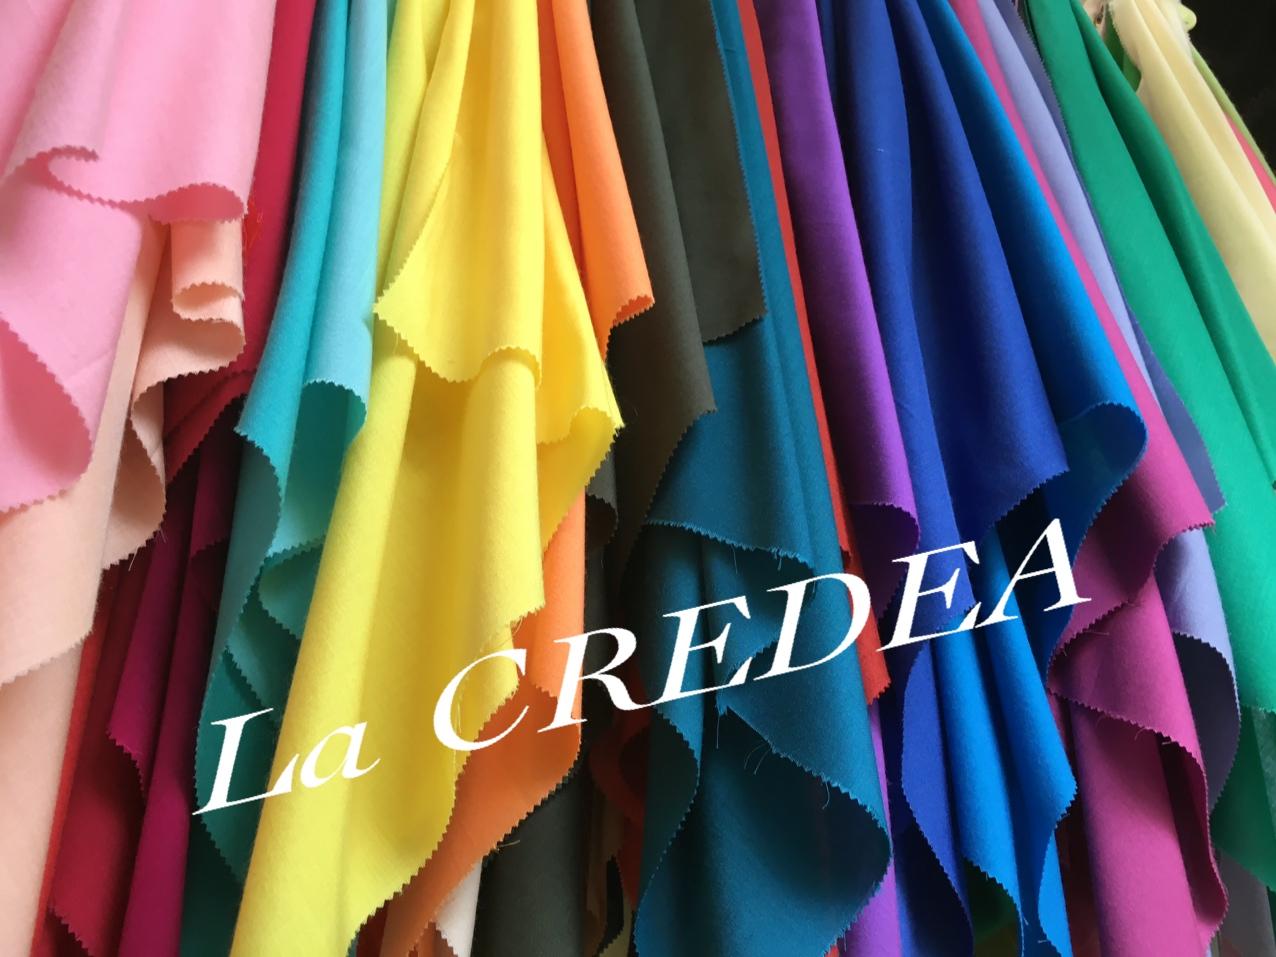 パーソナルカラー・イメージコンサルティング - La CREDEA(ラ ...